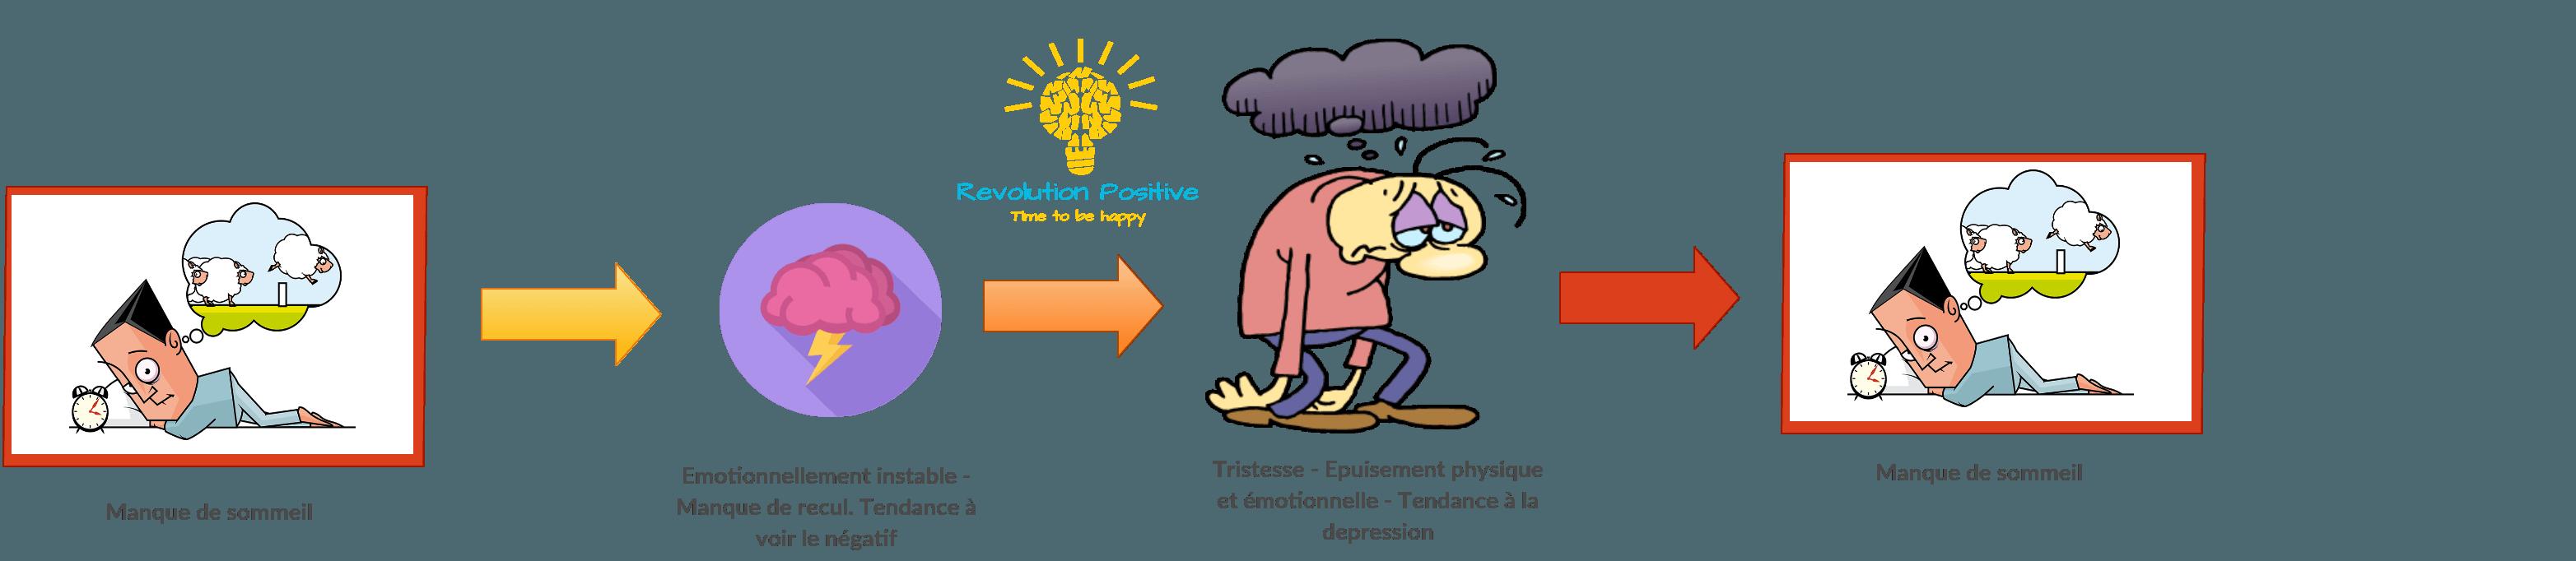 En dormant mal, vous devenez emotionnellement instable. Conséquences du manque de sommeil